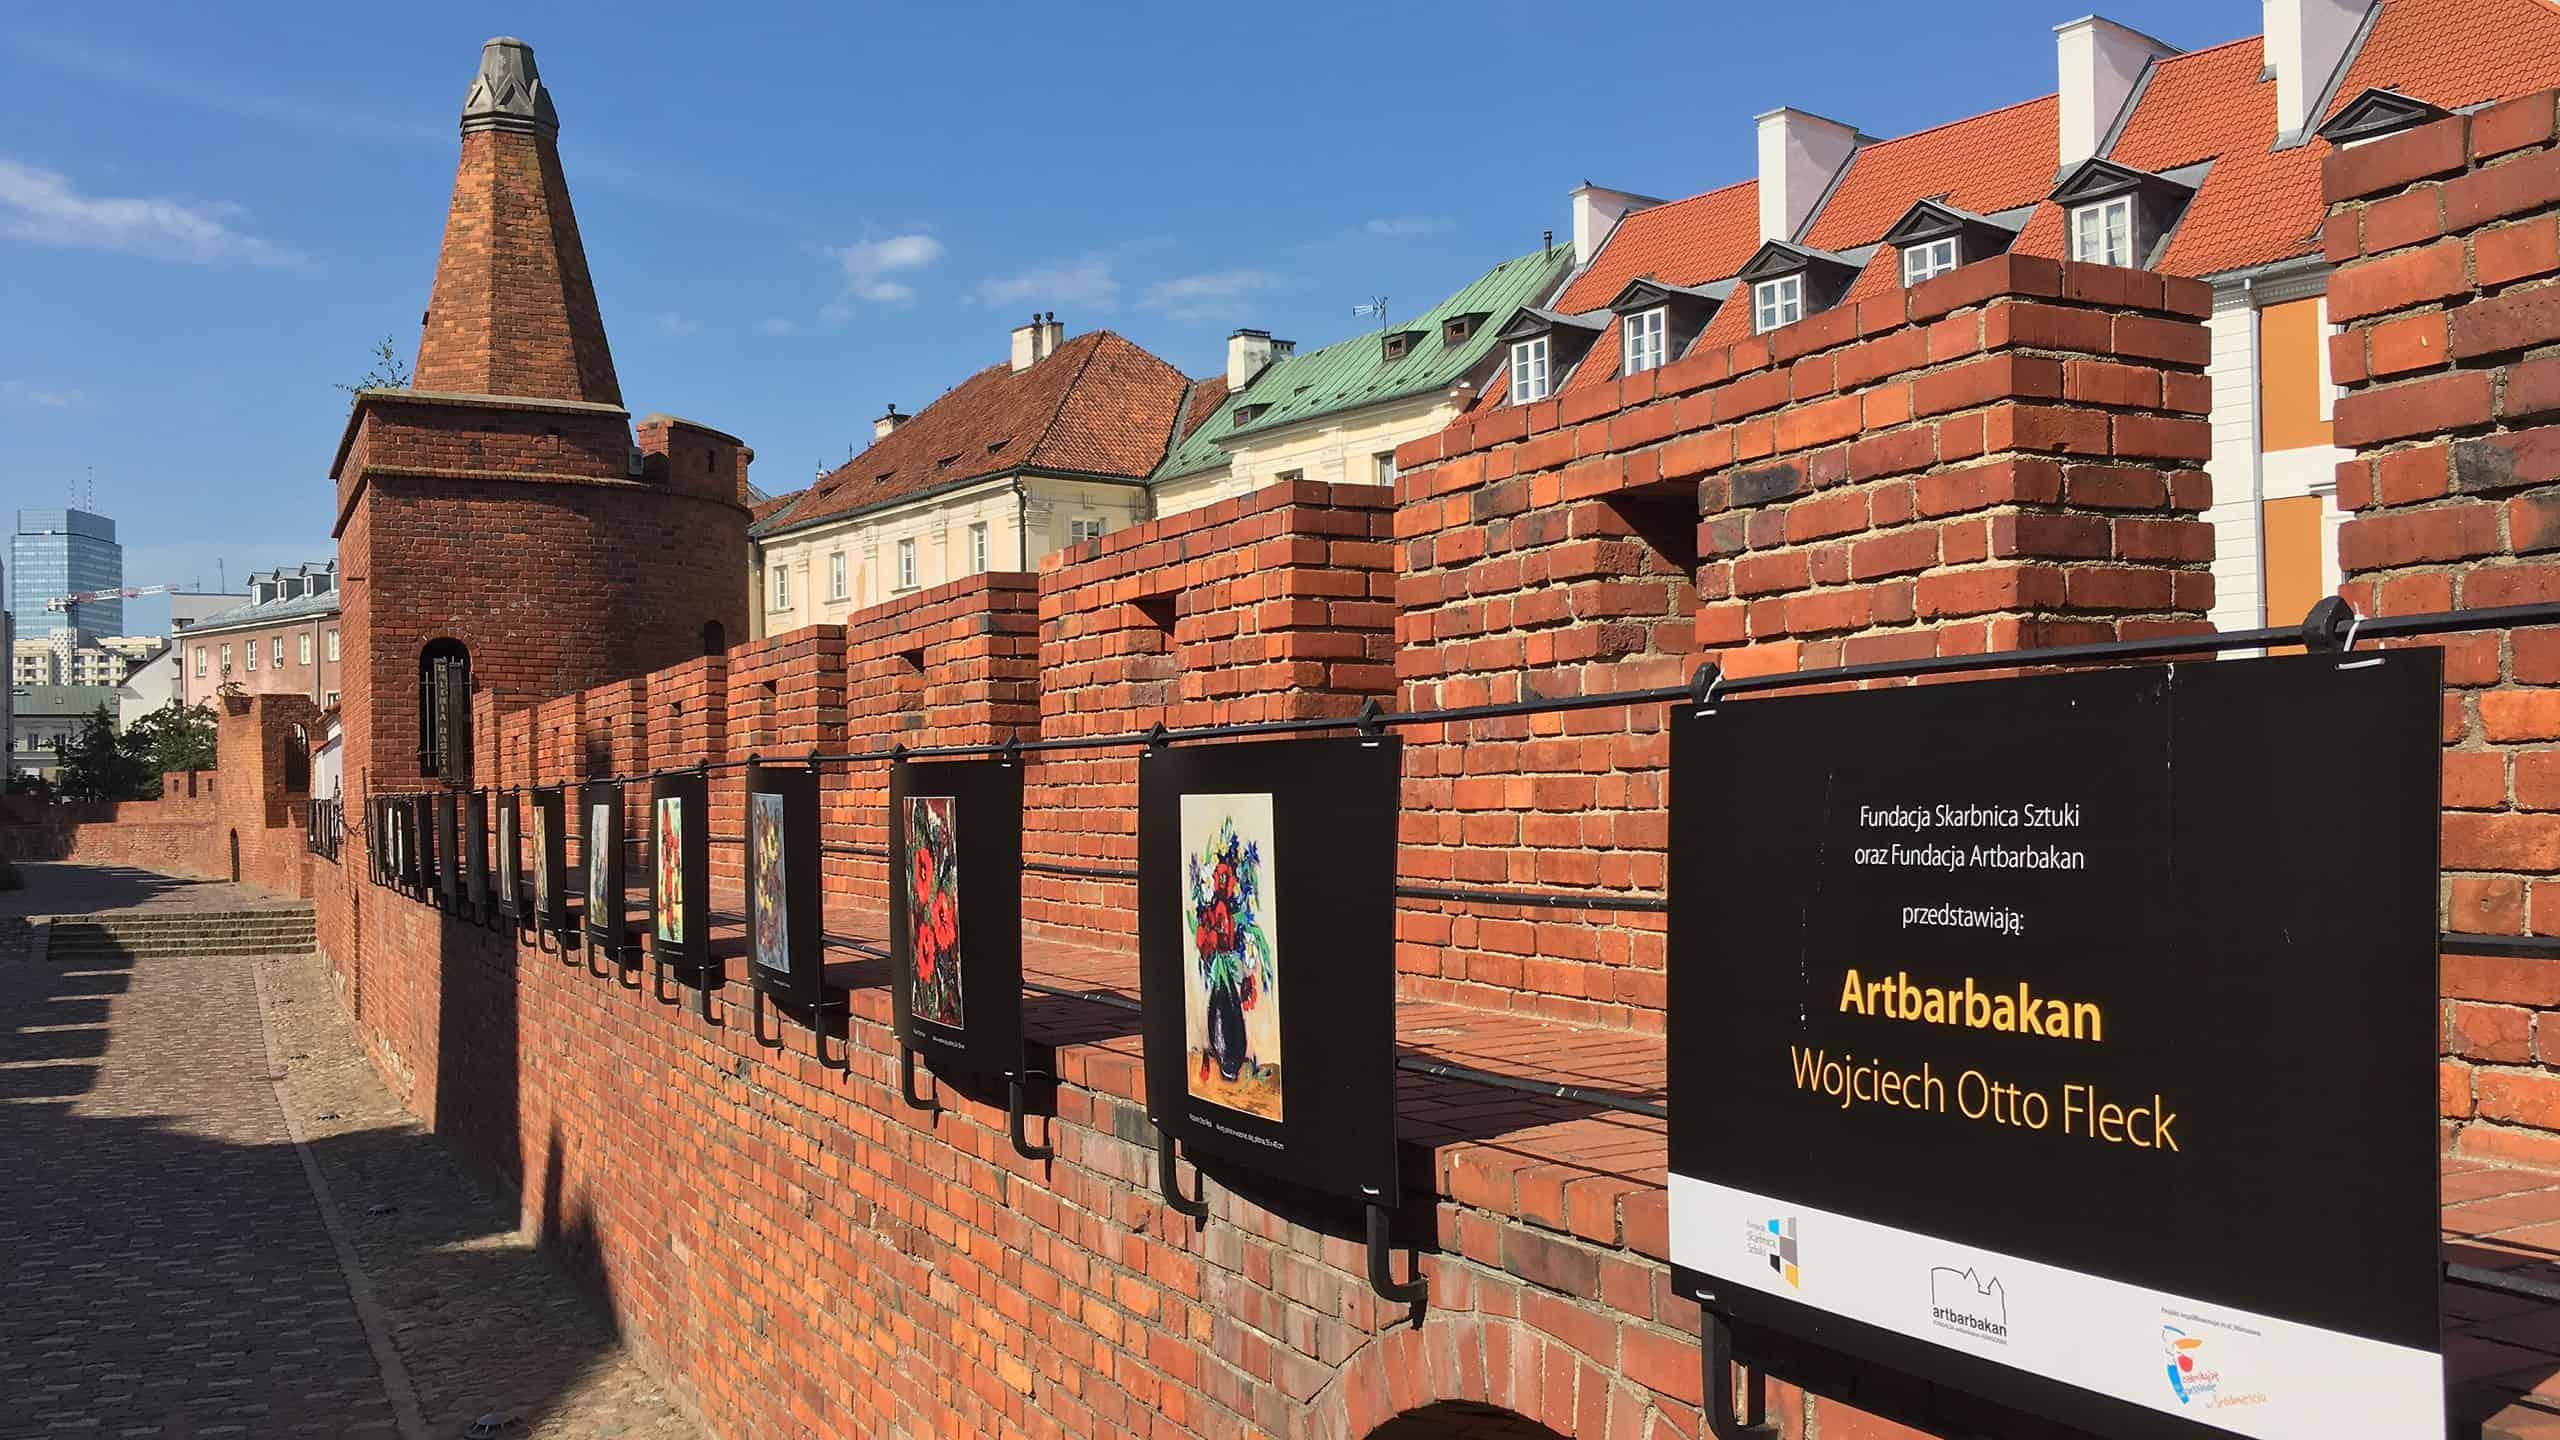 Wystawa reprodukcji obrazów W.O. Flecka zorganizwoana we współpracy Fundacji Skarbnica Sztuki z Fundacją Artbarbakan, fot. Paweł Wroński